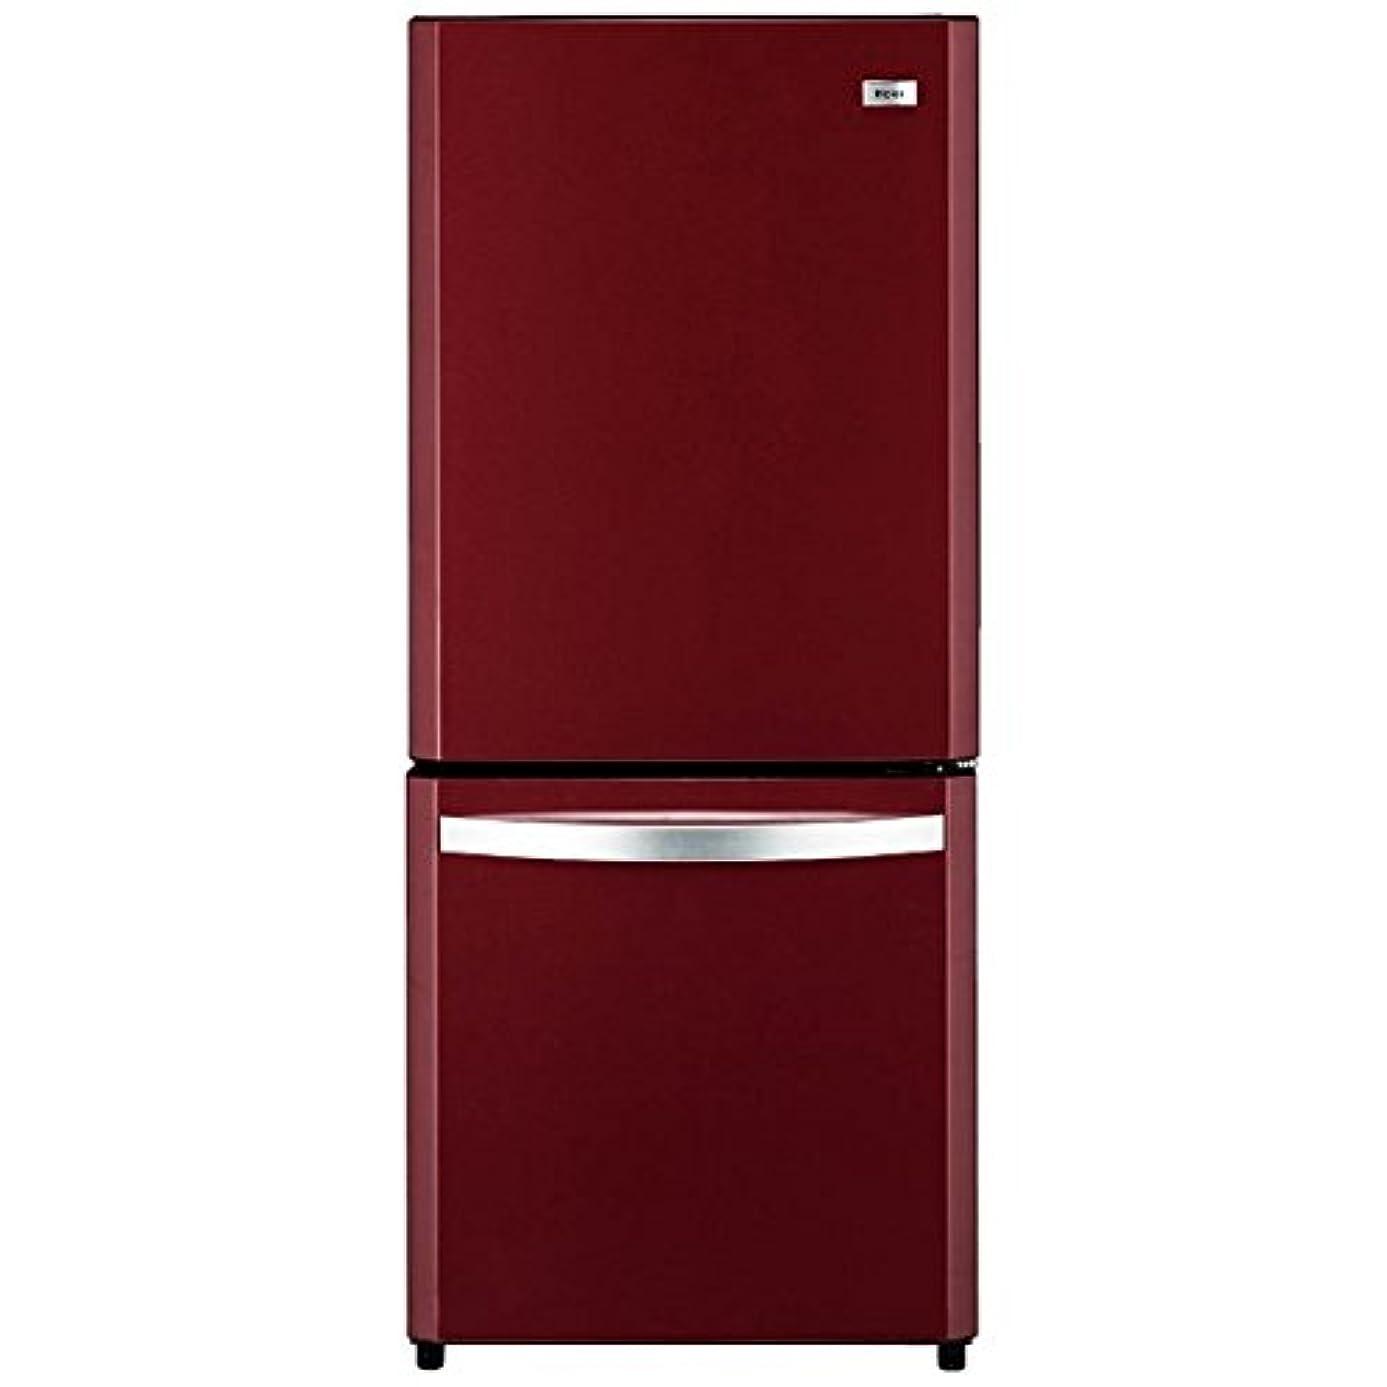 表面マラウイ焼くハイアールジャパンセールス 138L 2ドア冷凍冷蔵庫 ルビーレッド ■型番:JR-NF140K(RR)